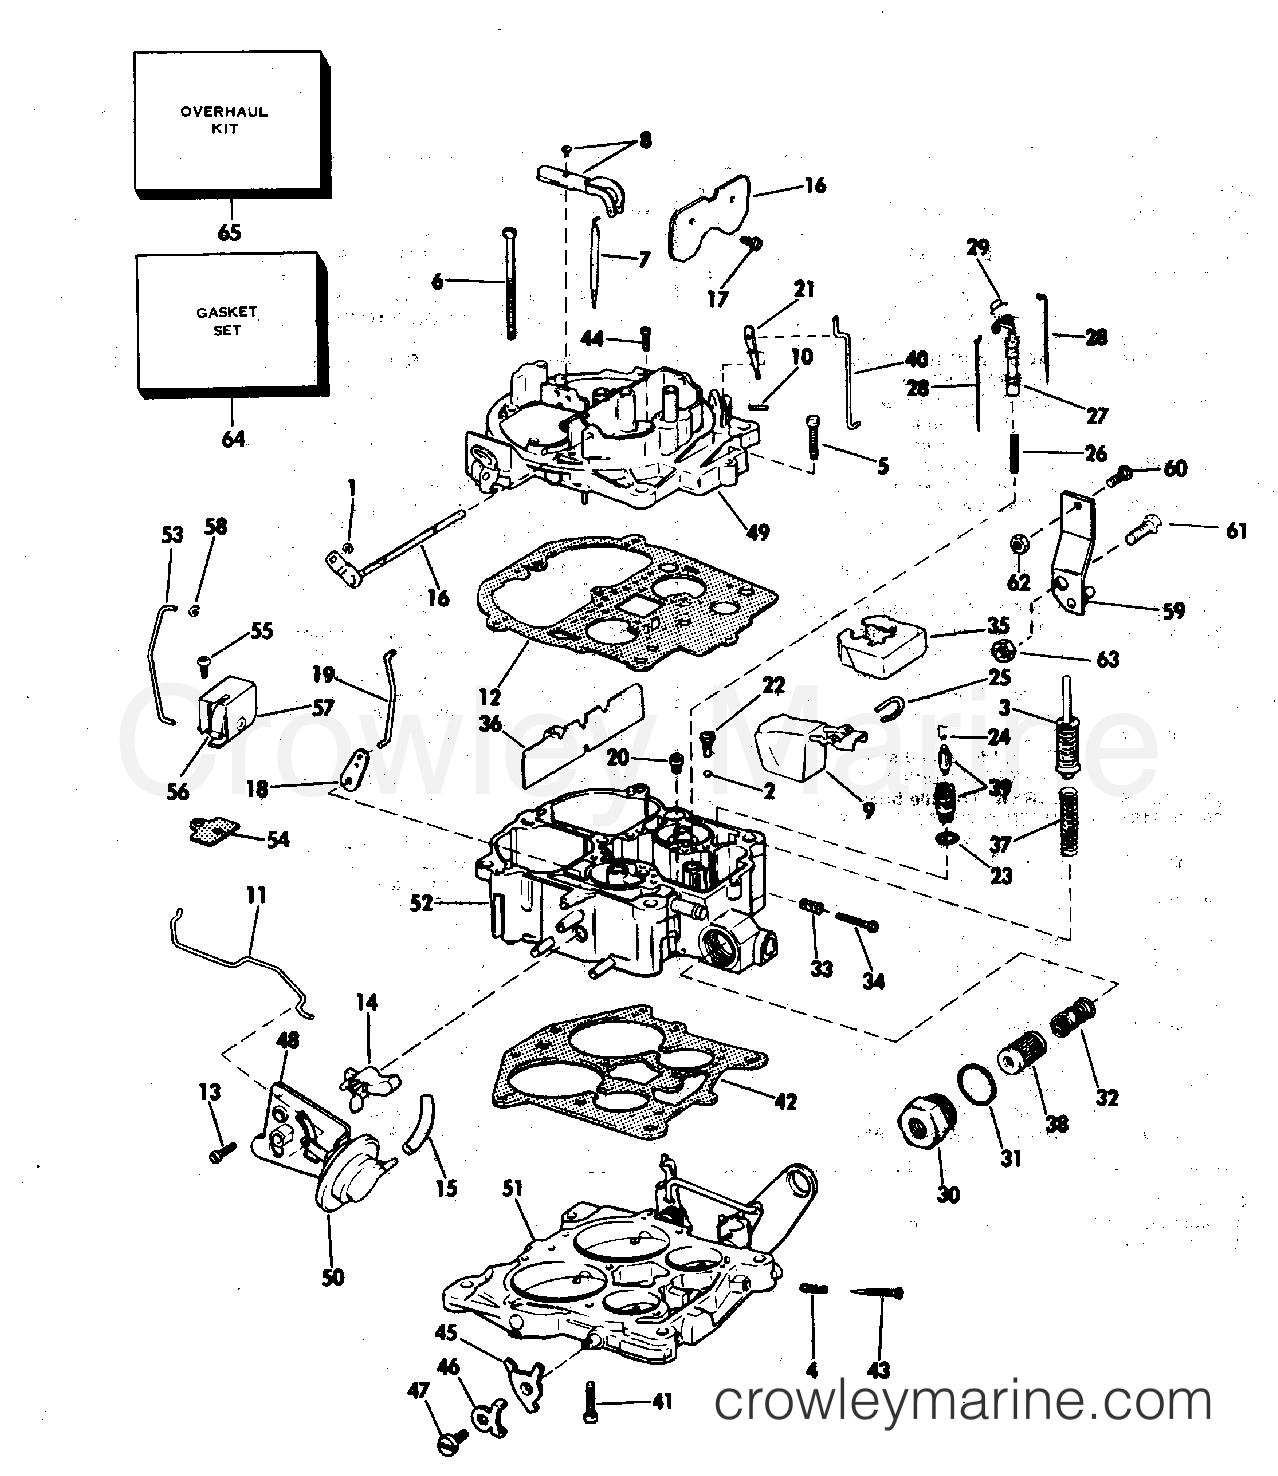 1982 OMC Stern Drive 5 - 504SPMCCNG CARBURETOR GROUP 5.0-4V 5.7 LITRE section